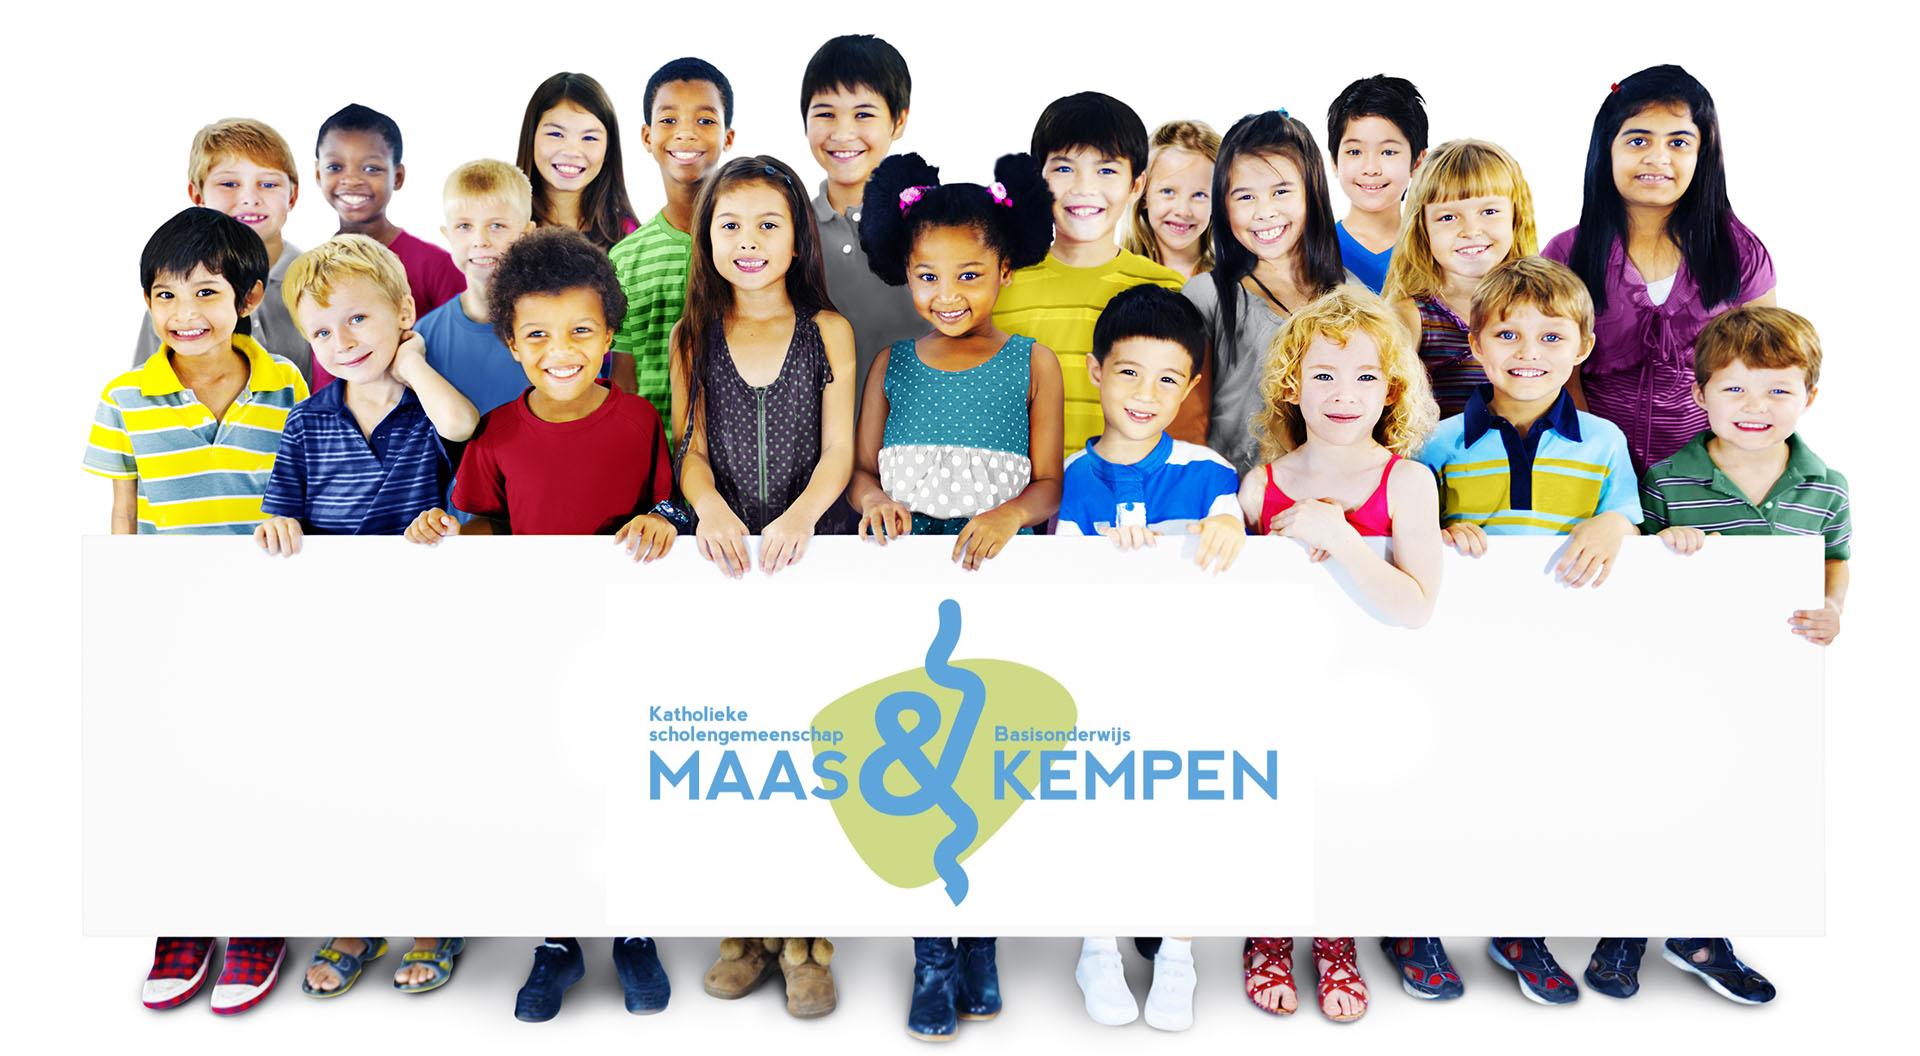 Afbeelding van vele jonge kinderen